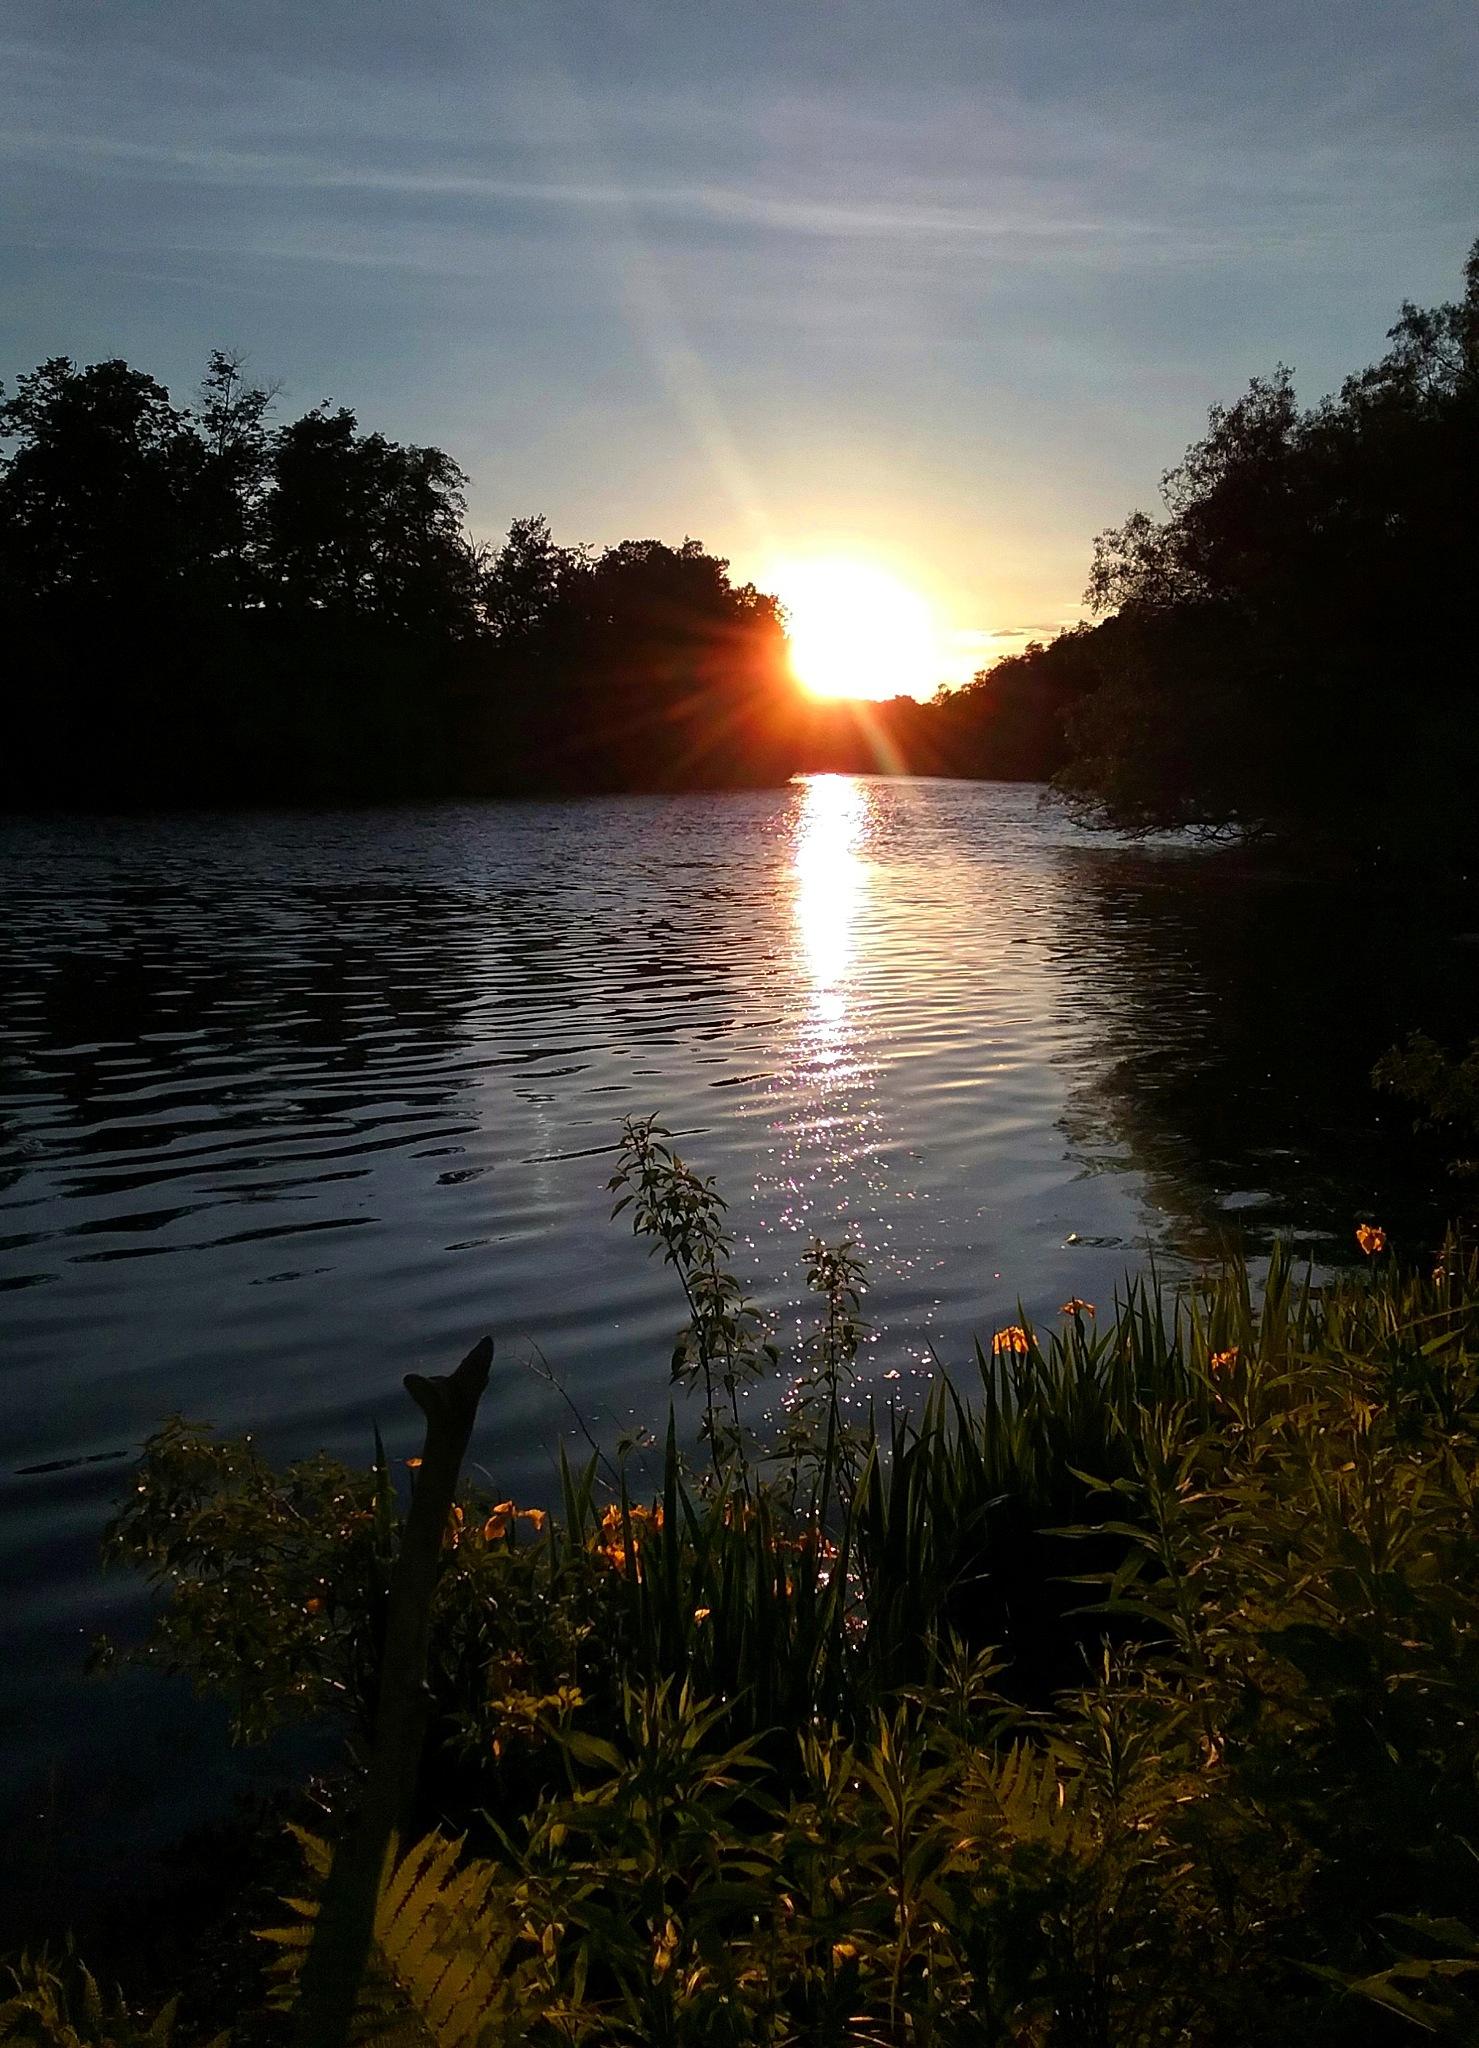 Poland, NY at Sundown  by Mindy Beth